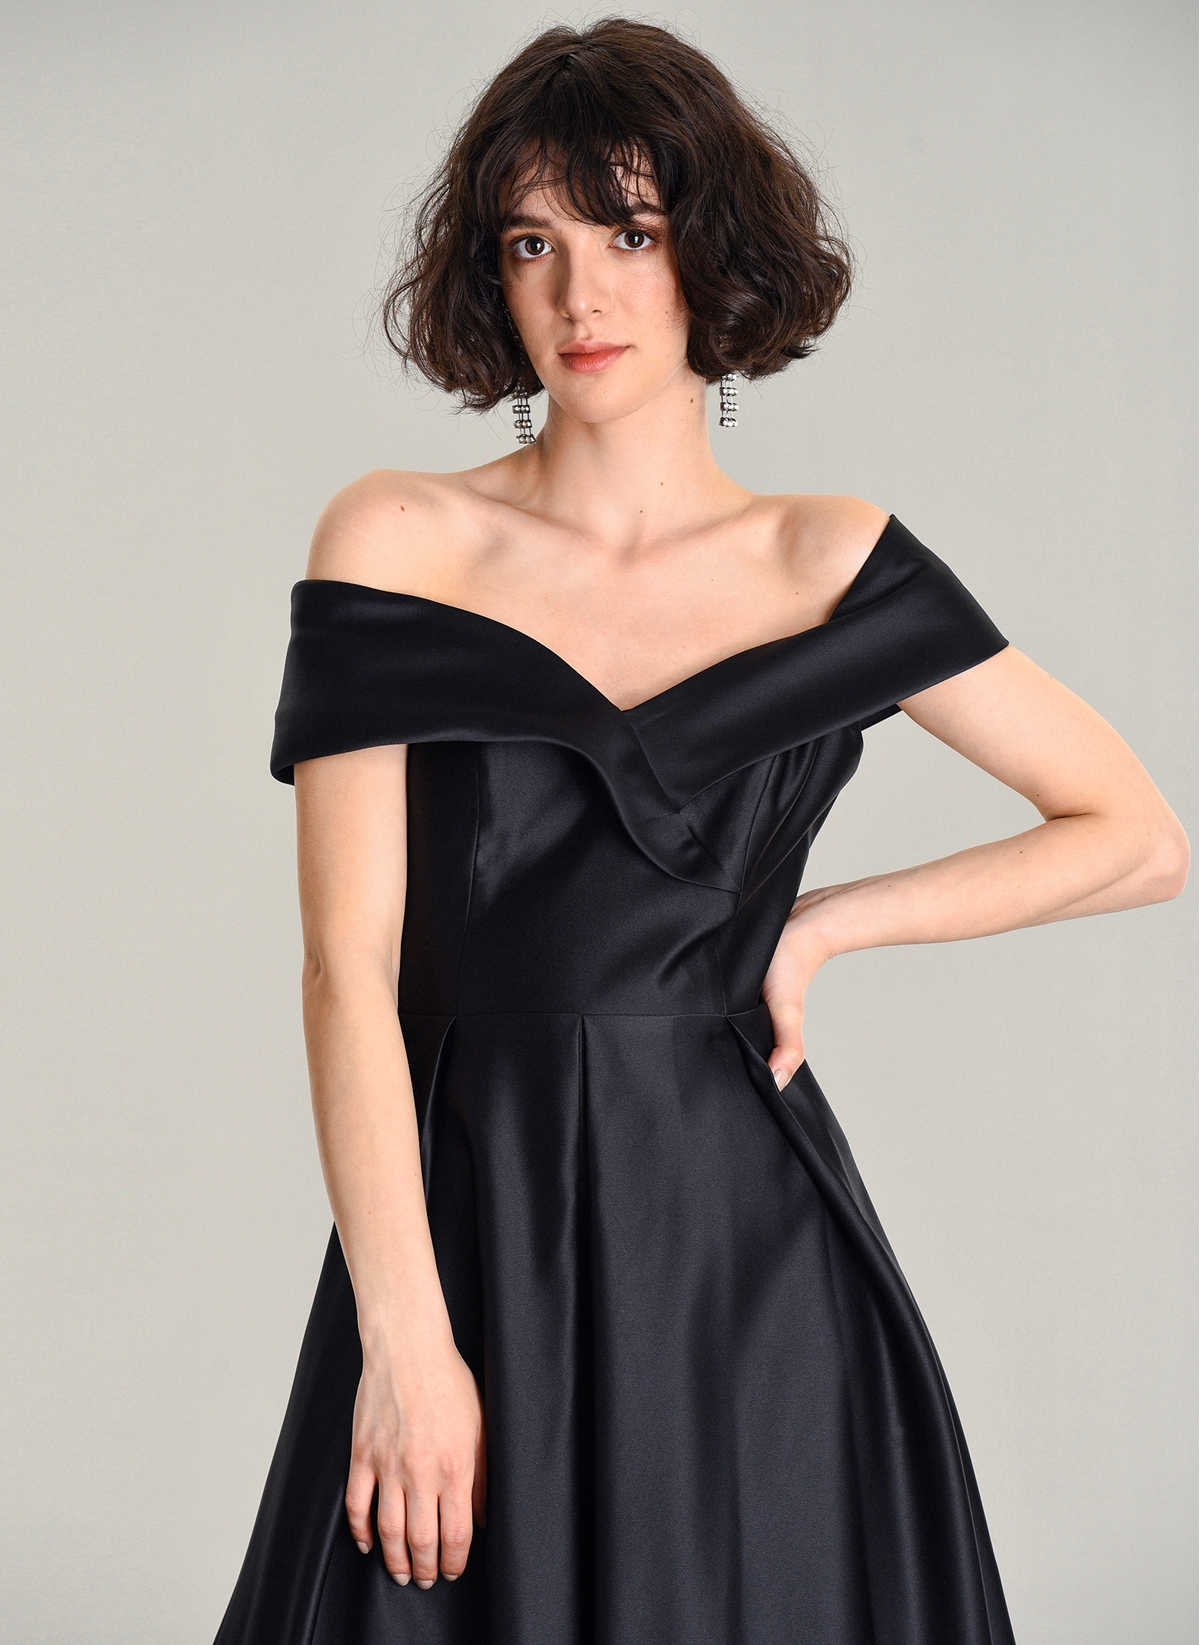 f69df796063bf Agenda Kadın Saten Abiye Elbise Siyah - Glami.com.tr